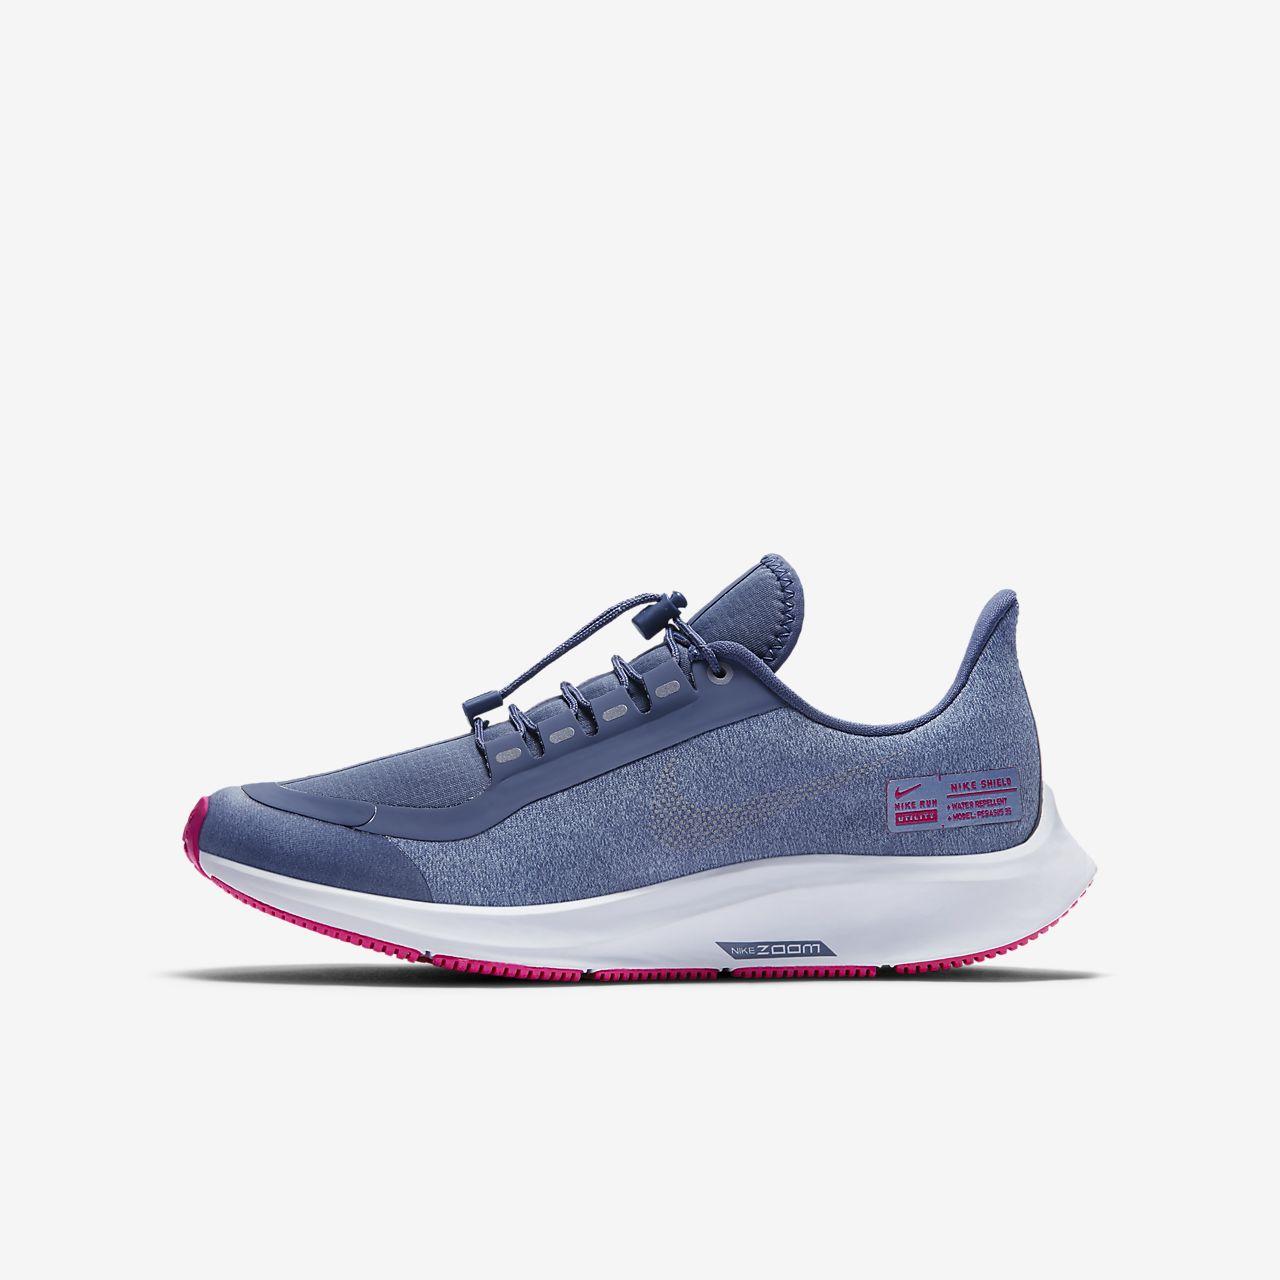 Беговые кроссовки для дошкольников/школьников Nike Air Zoom Pegasus 35 Shield